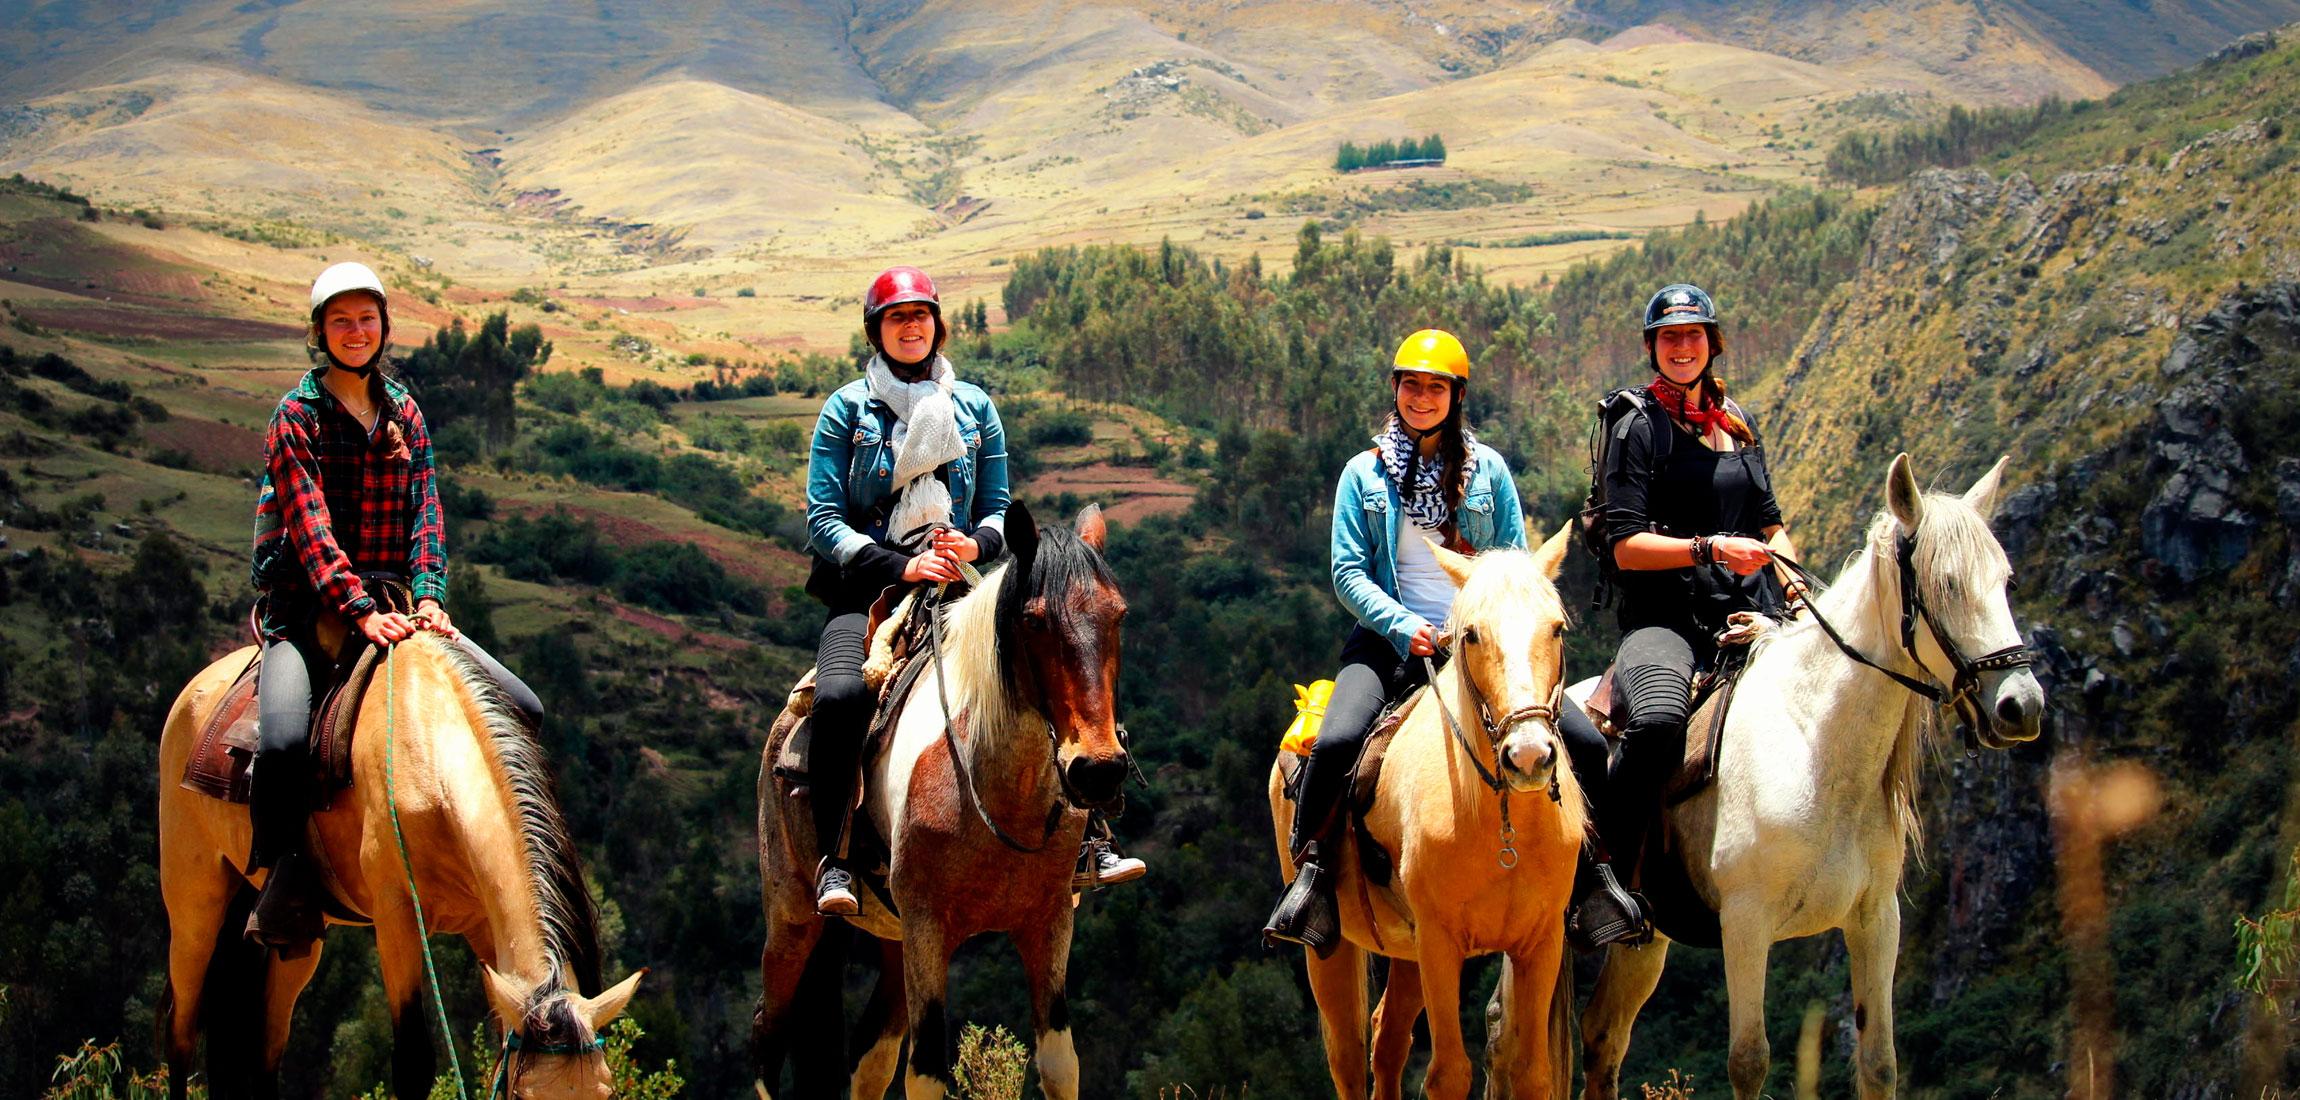 Excursión en Caballo a Espinar 03 días